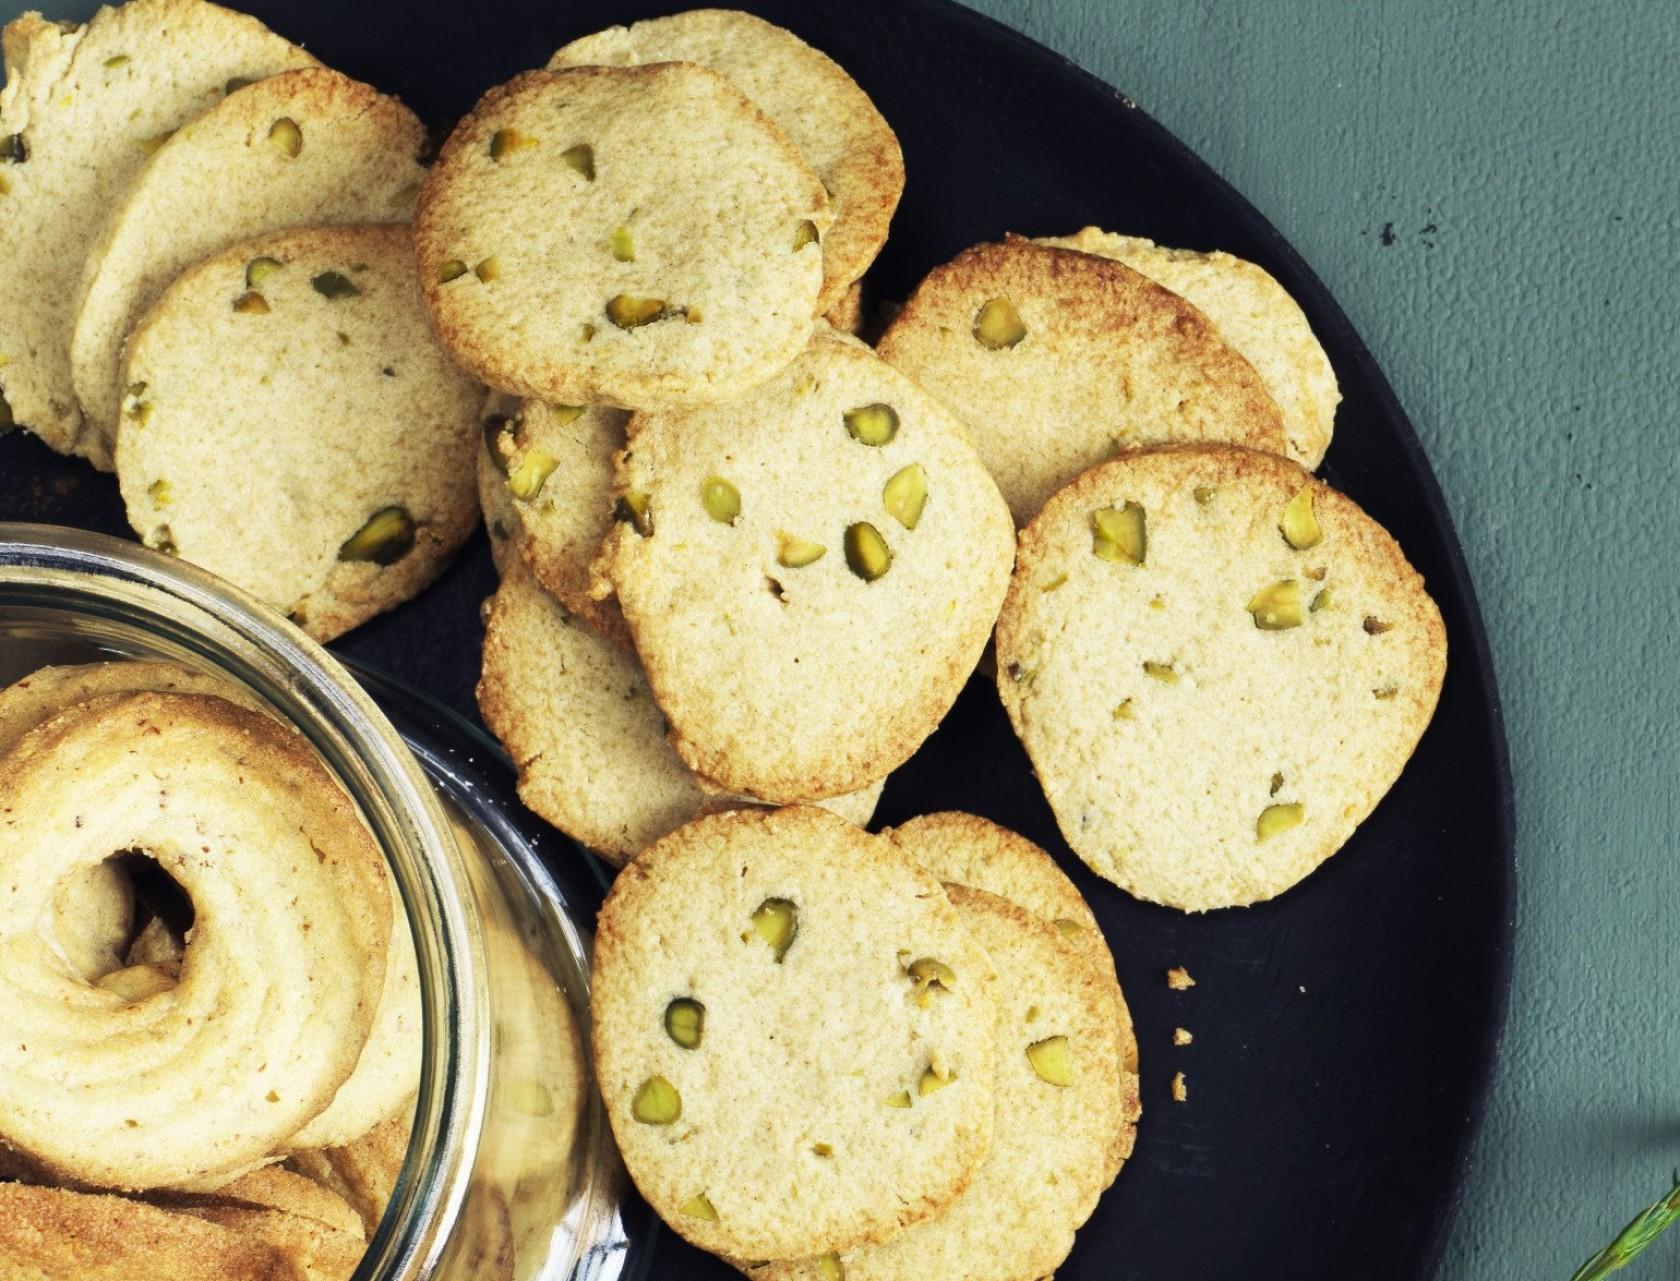 Citronspecier med pistacienødder - god opskrift på julesmåkager